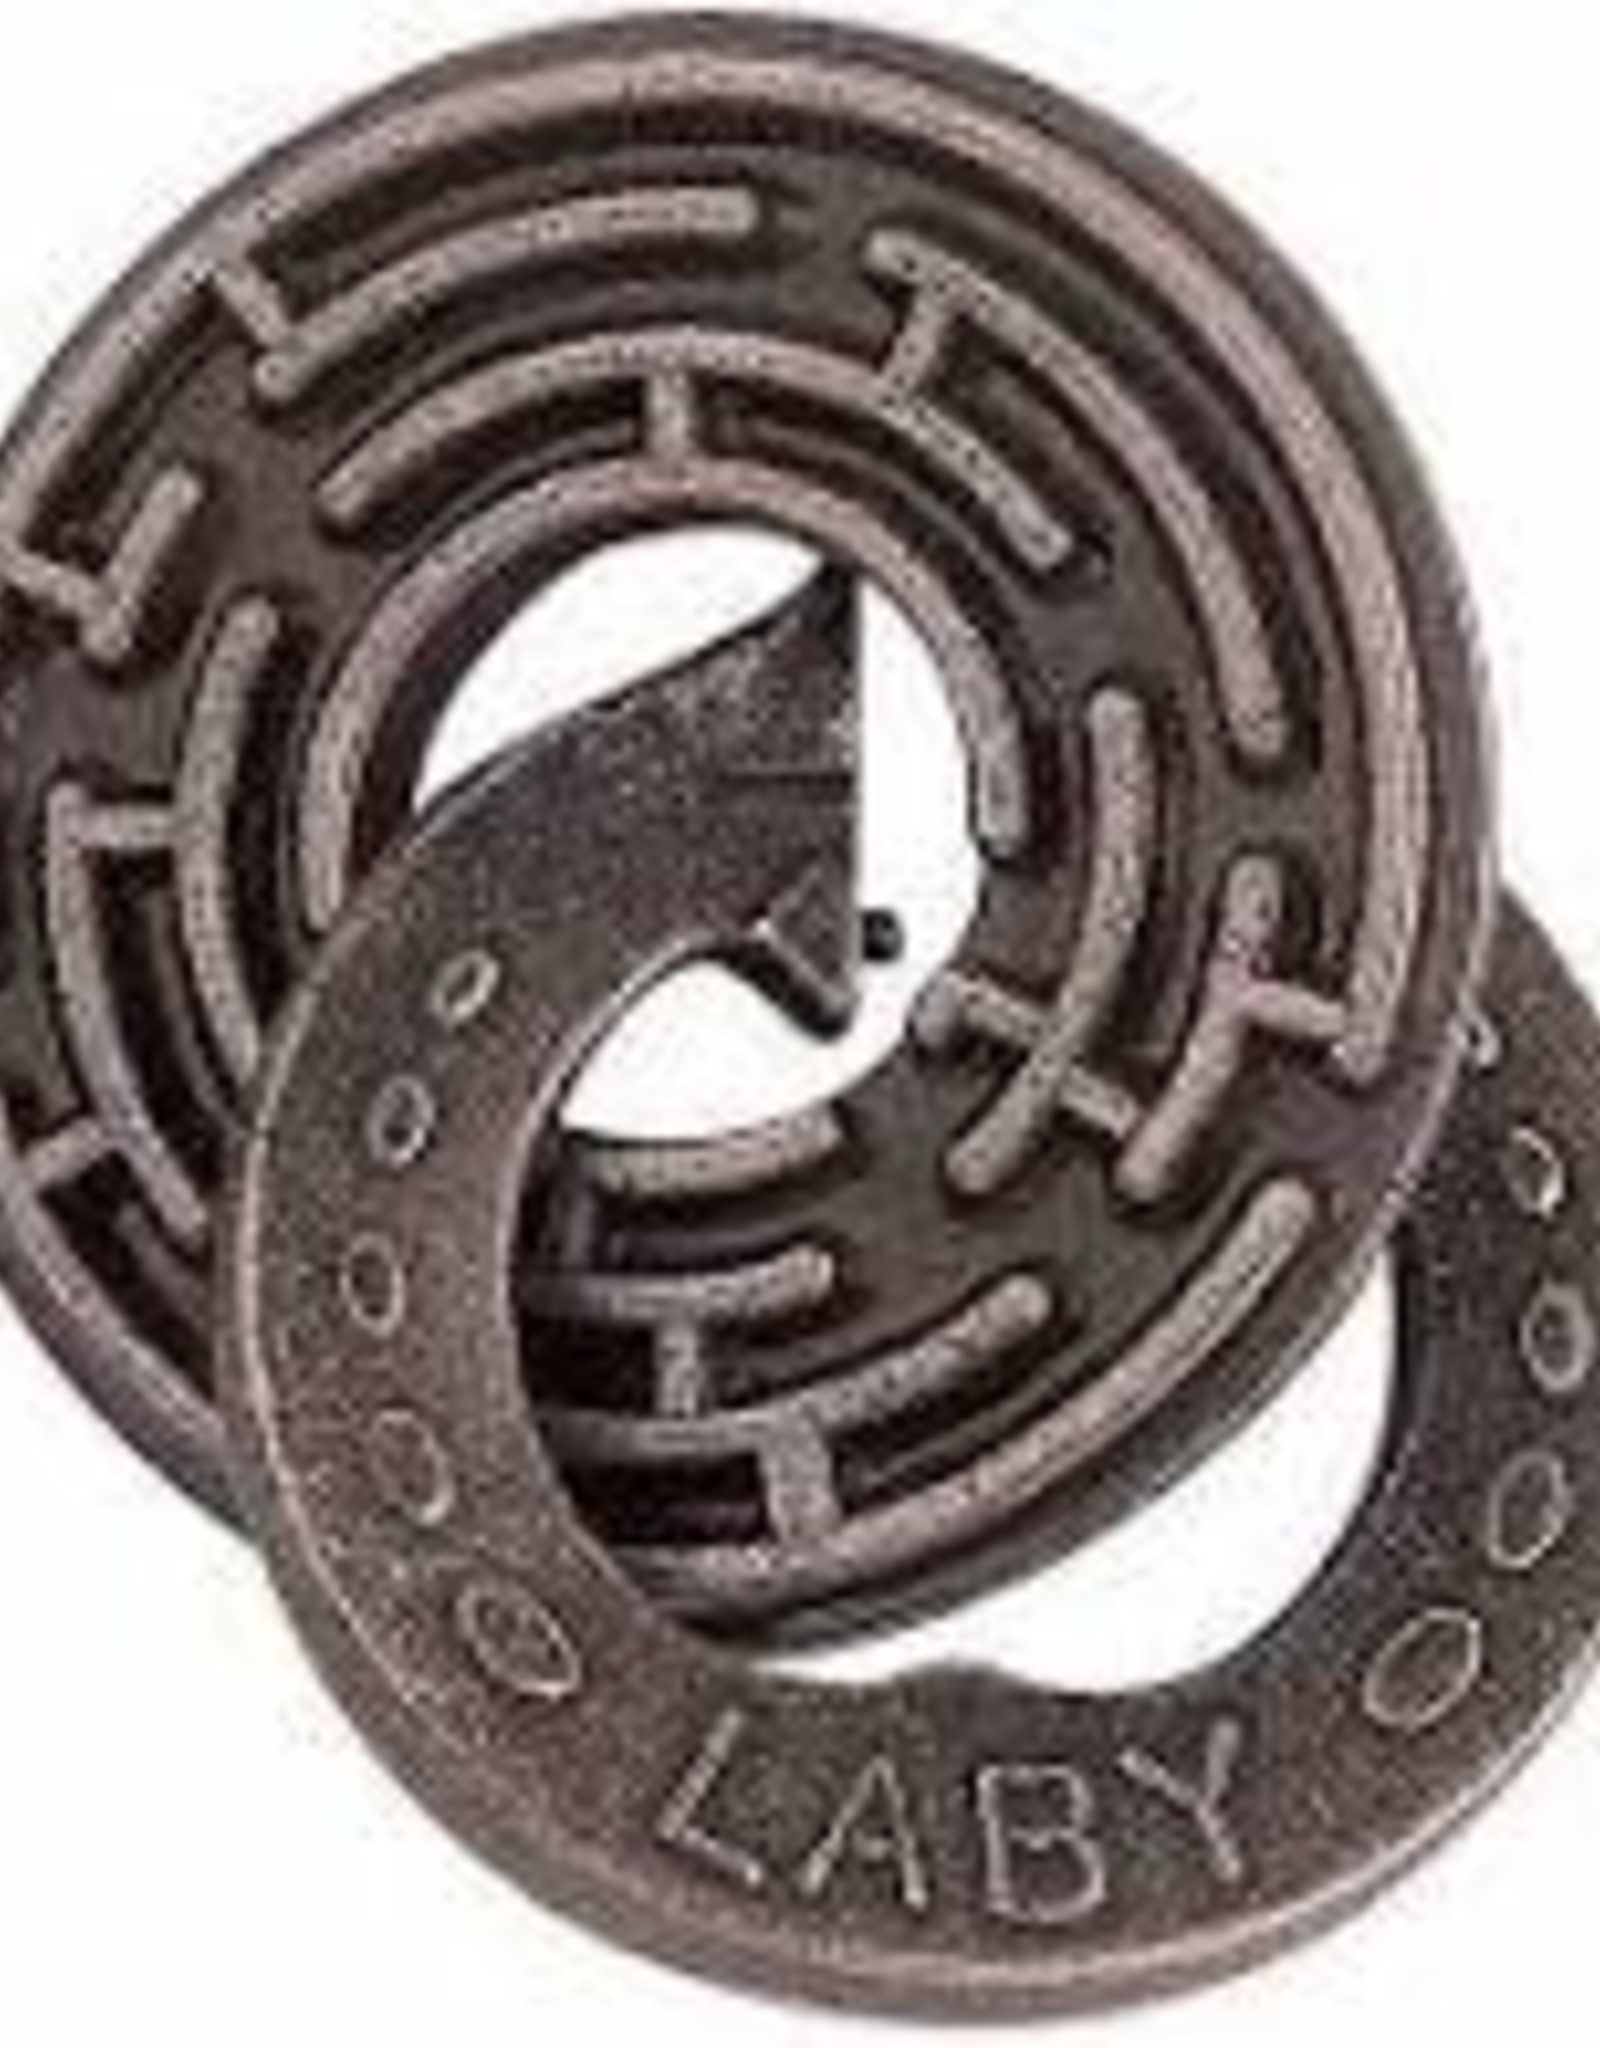 HANAYAMA Labyrinth - Level 5 HANAYAMA